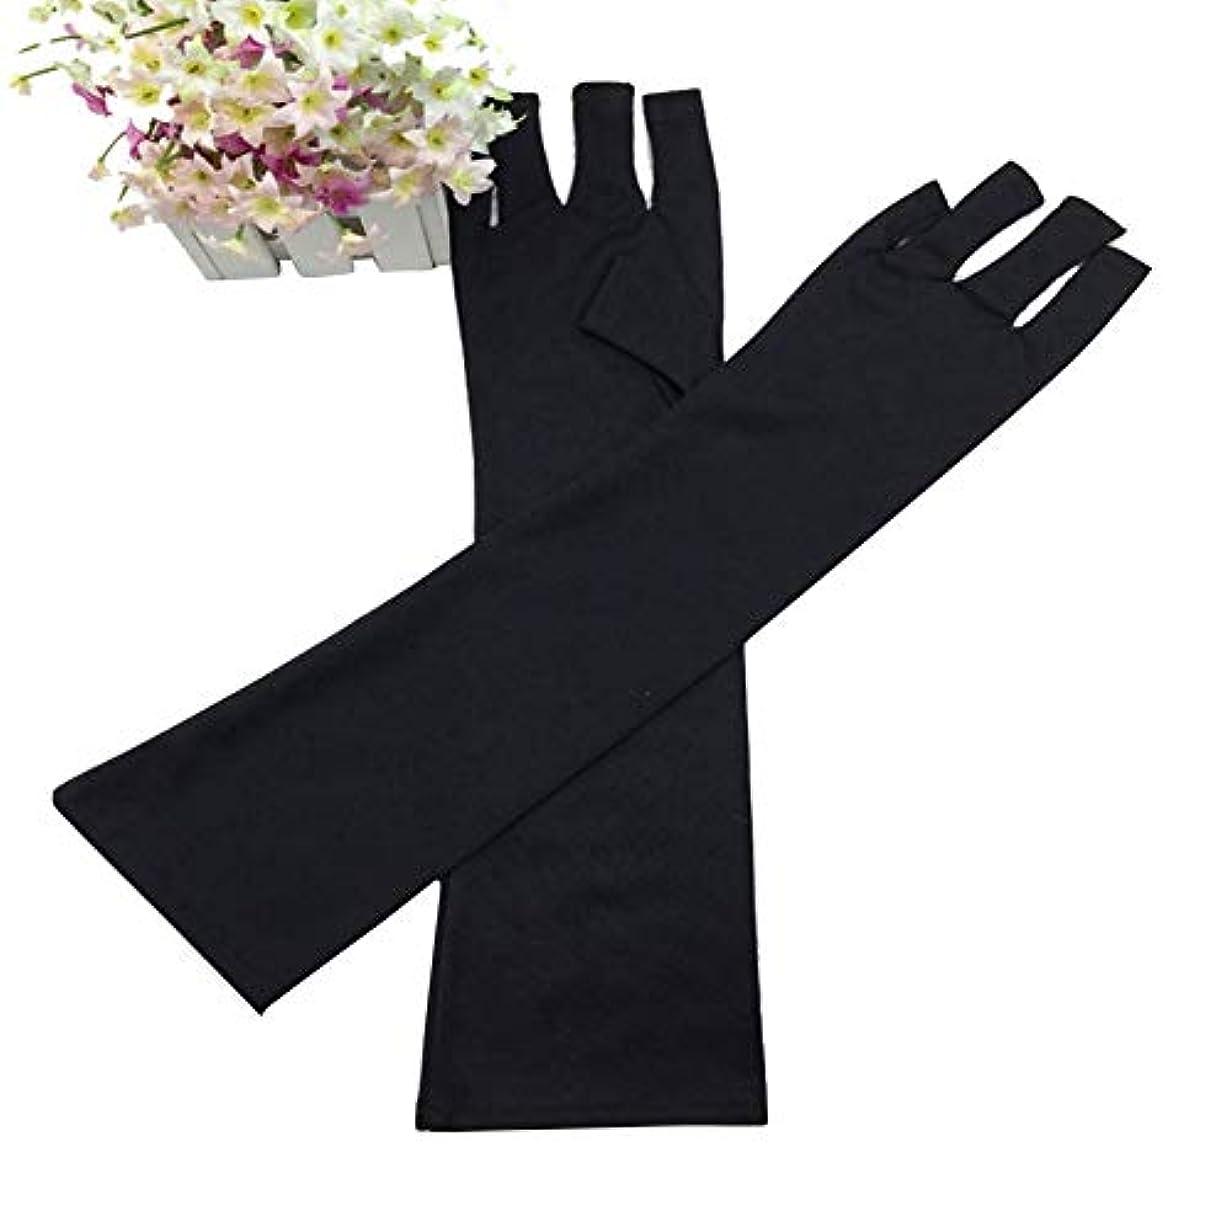 愚かなばか休憩slQinjiansavネイルアート&ツール手袋UV光ランプ放射線保護手袋ハンドレストマニキュアネイルアートツール - ブラック